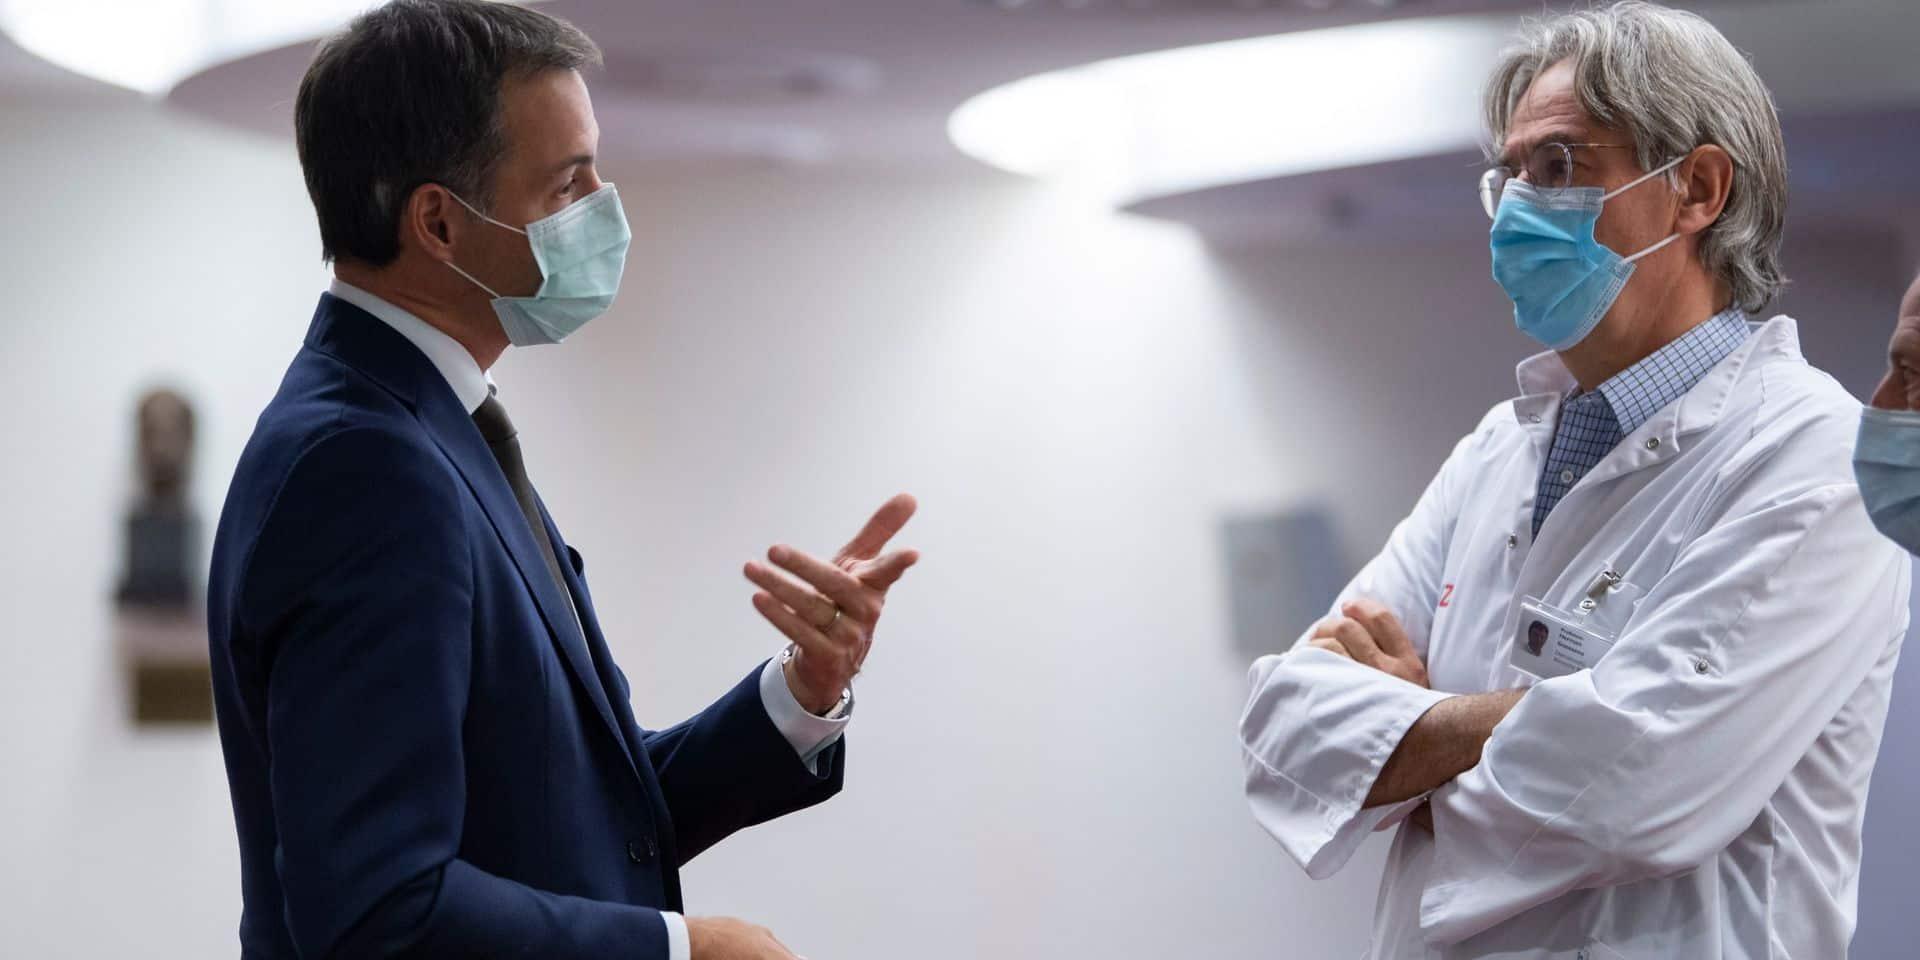 Herman Goossens annonce que son nouveau système de tests salivaires rapides contre le Covid est prêt